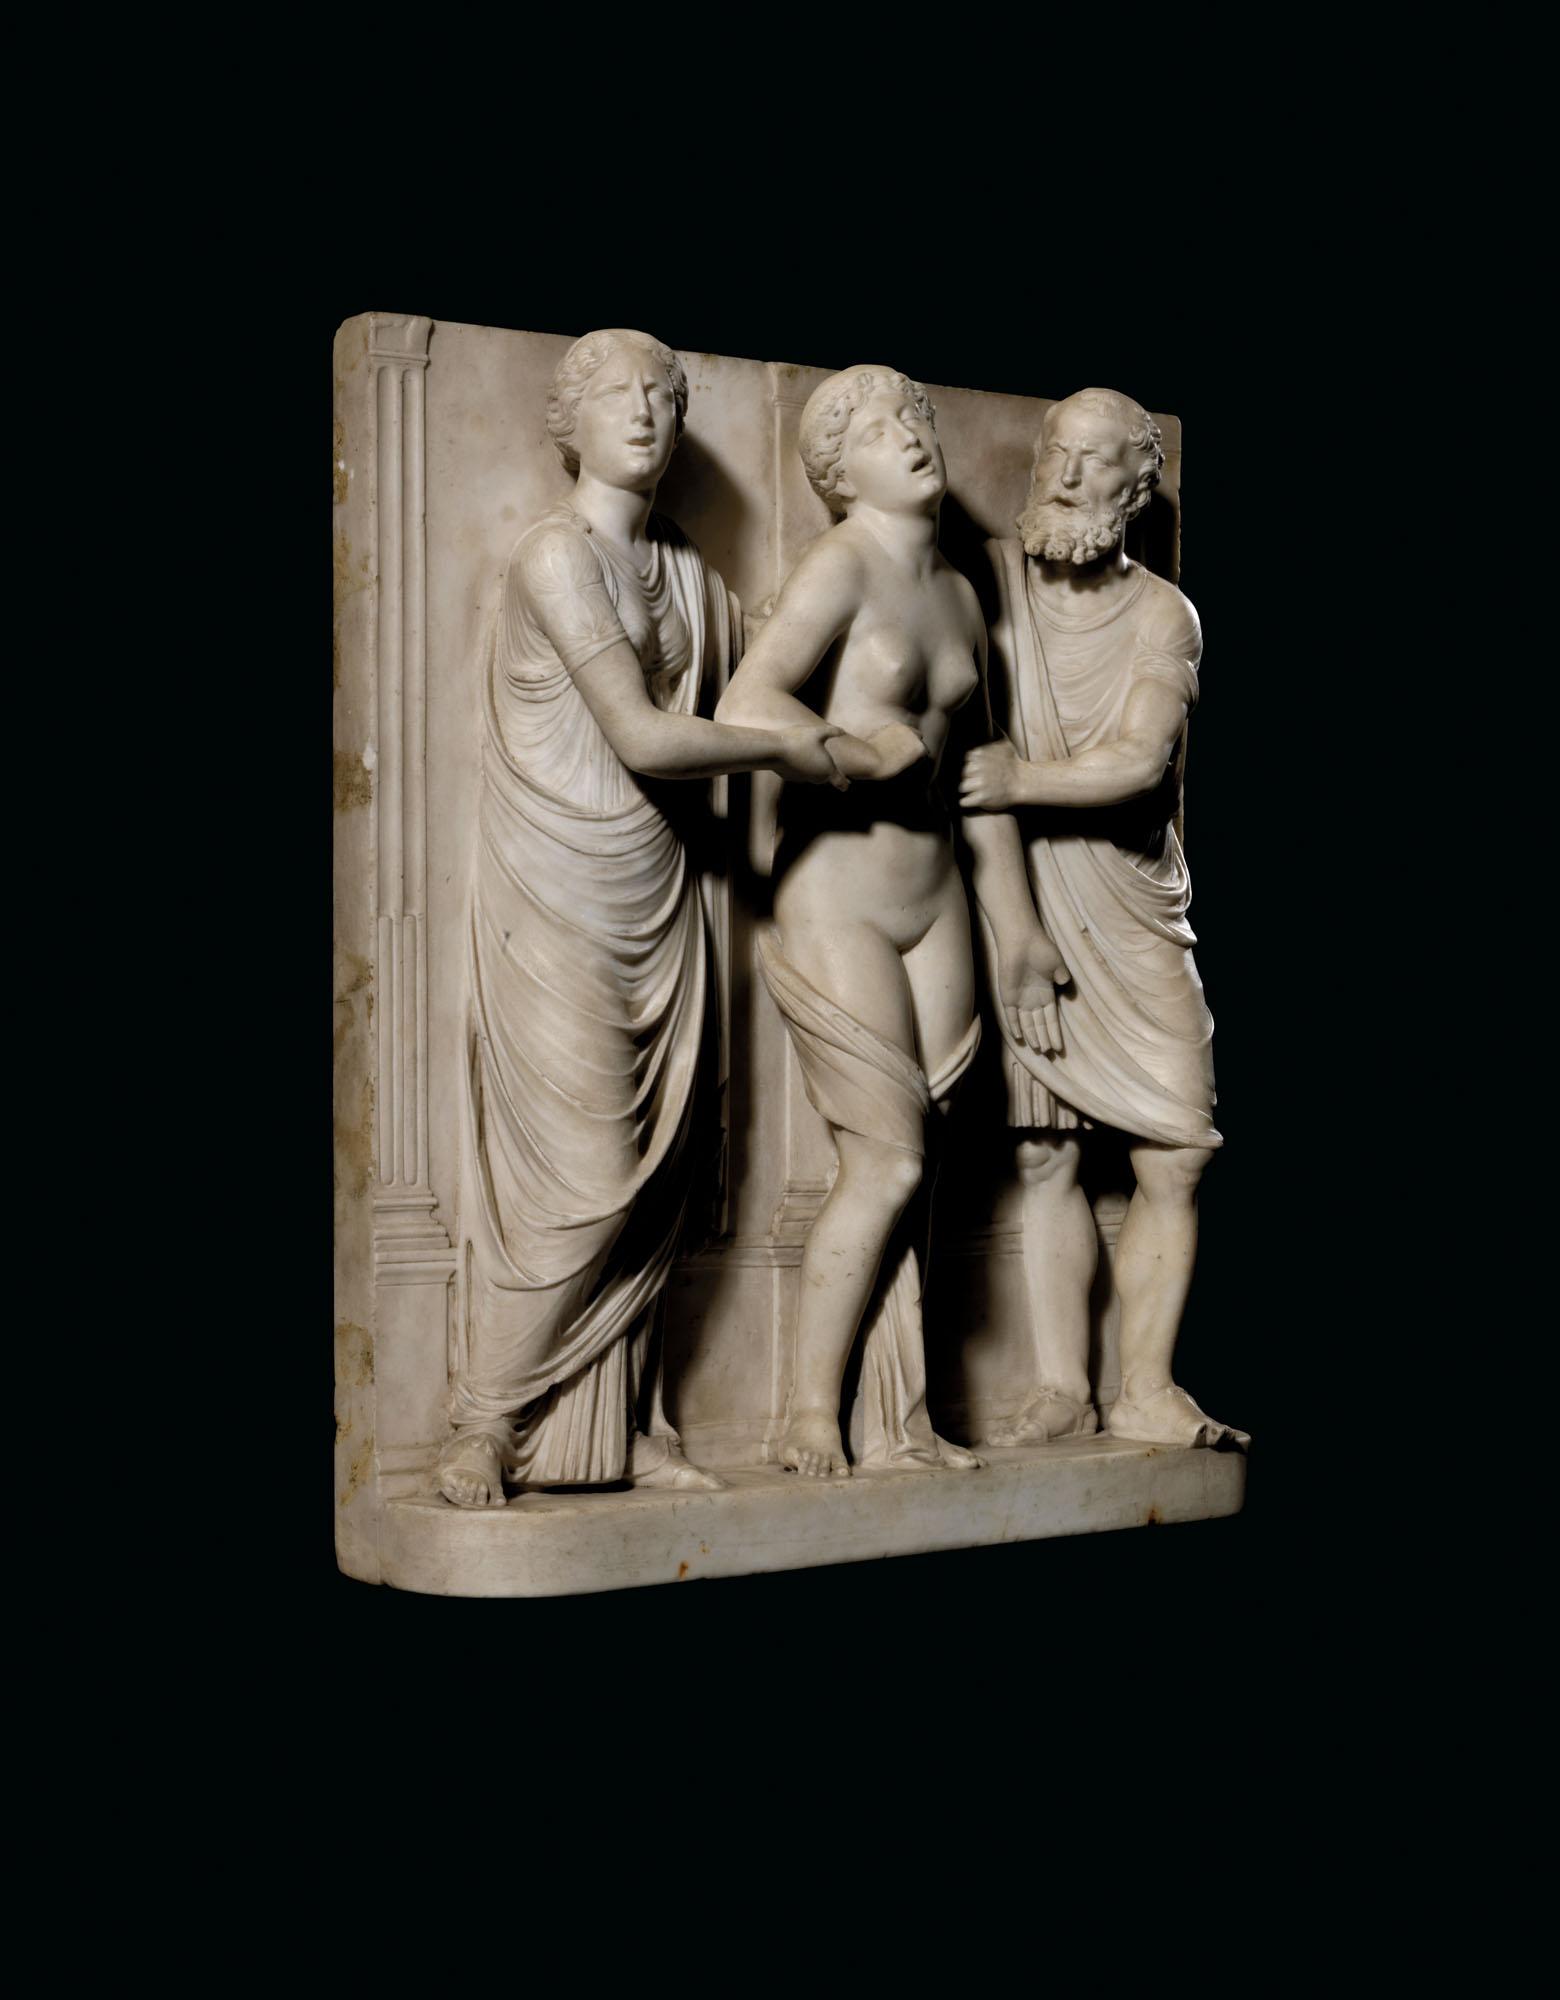 ATTRIBUTED TO ANTONIO LOMBARDO (CIRCA 1468-1516 FERRARA), CIRCA 1510